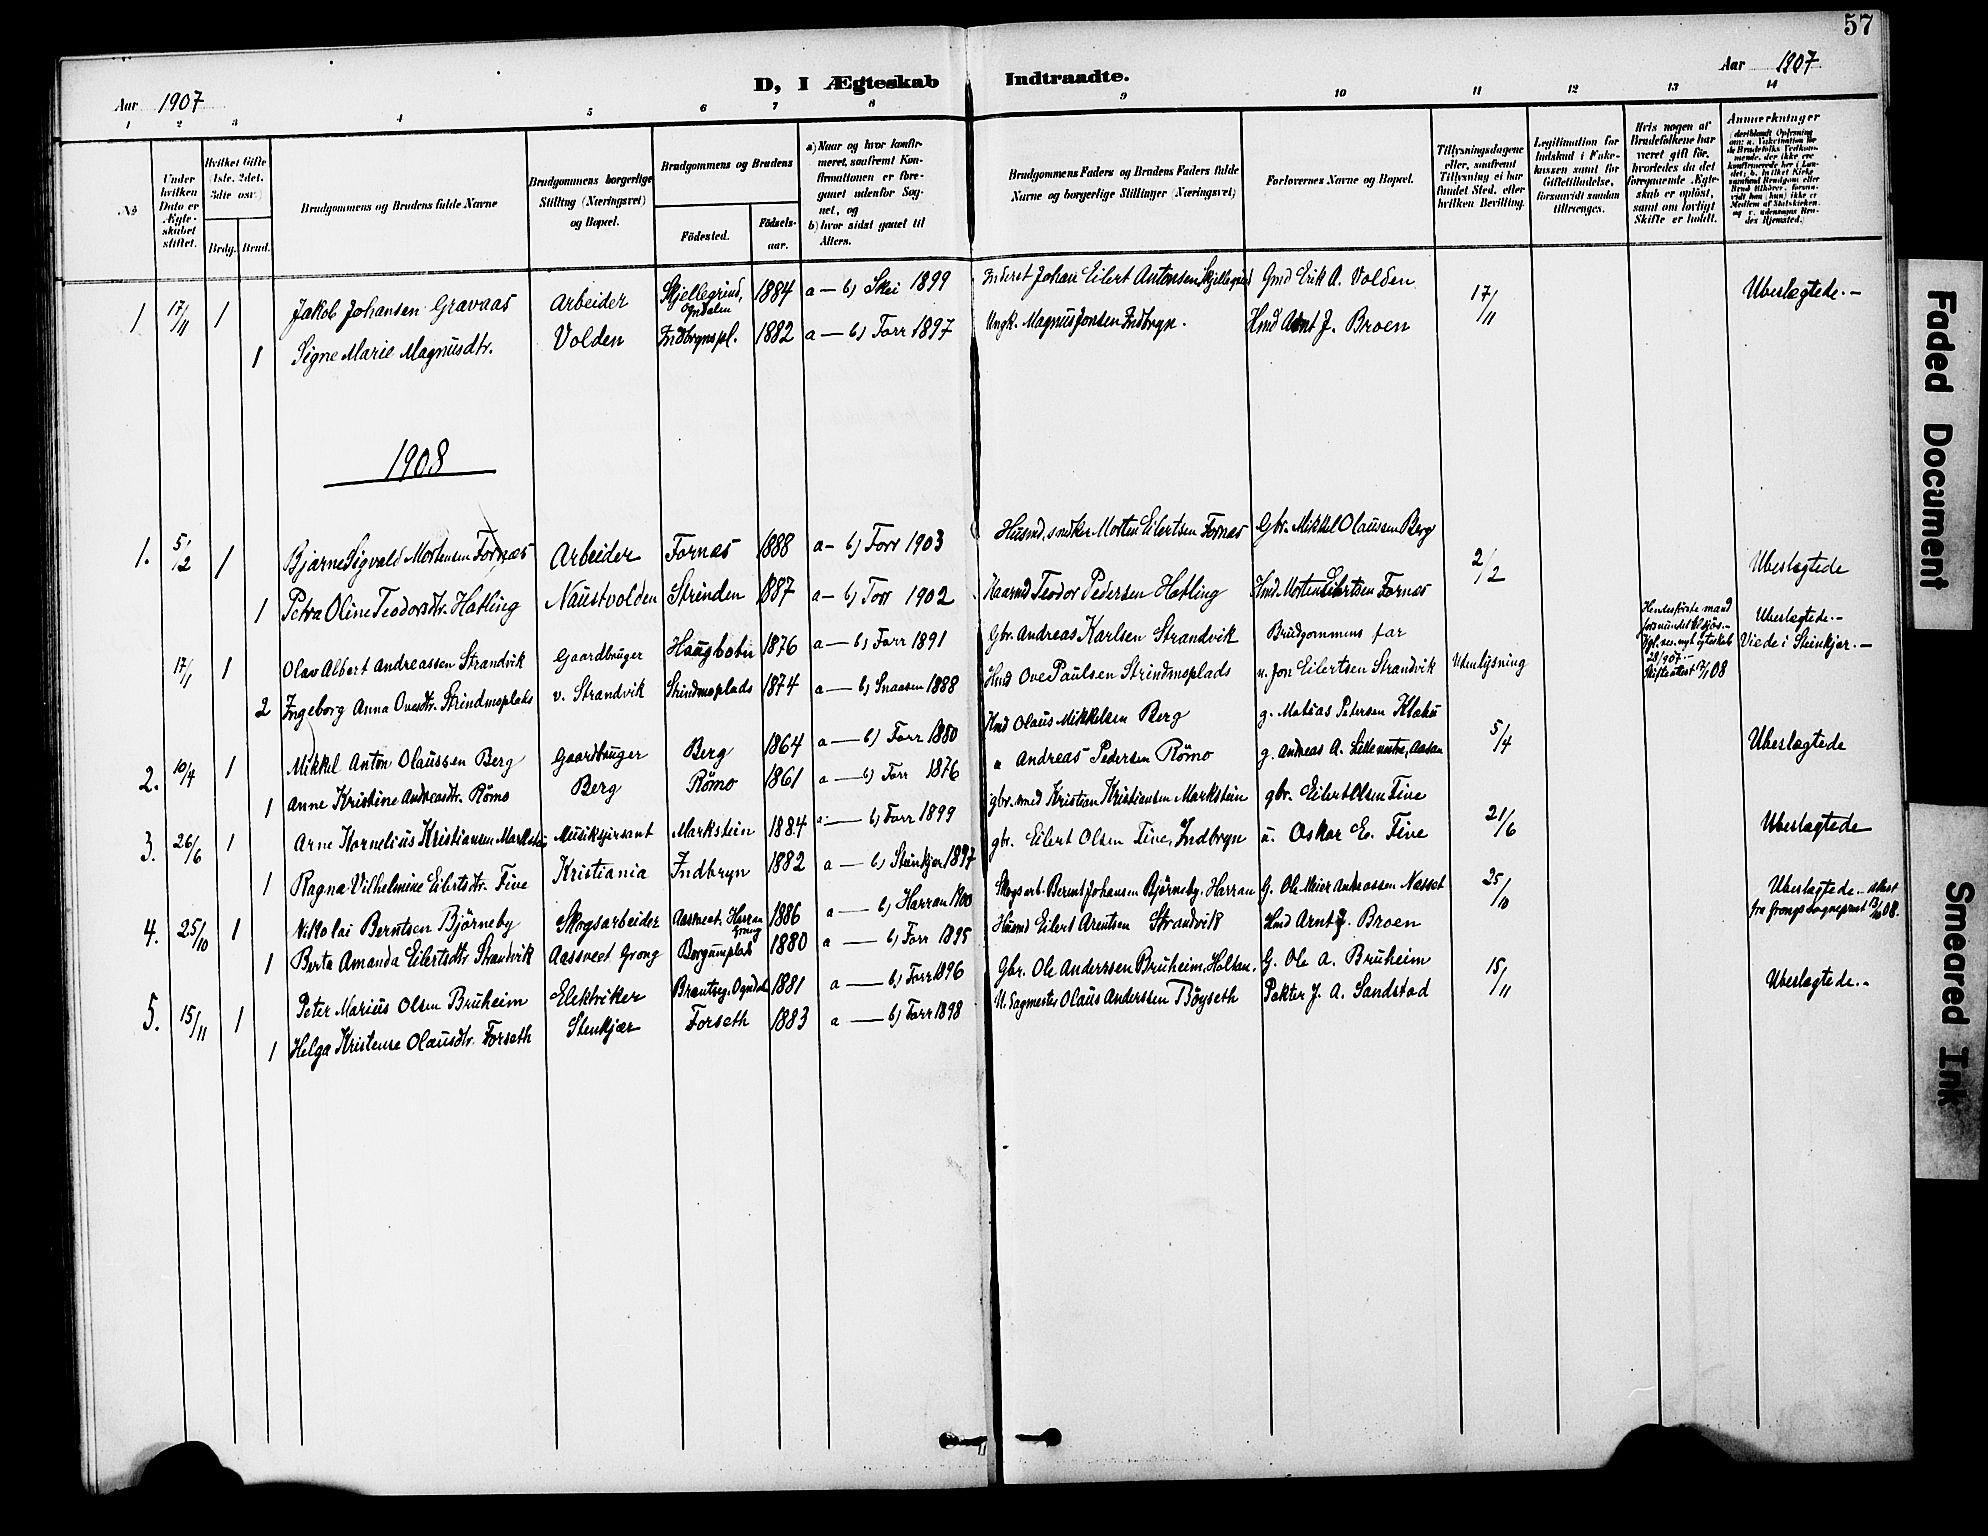 SAT, Ministerialprotokoller, klokkerbøker og fødselsregistre - Nord-Trøndelag, 746/L0452: Ministerialbok nr. 746A09, 1900-1908, s. 57